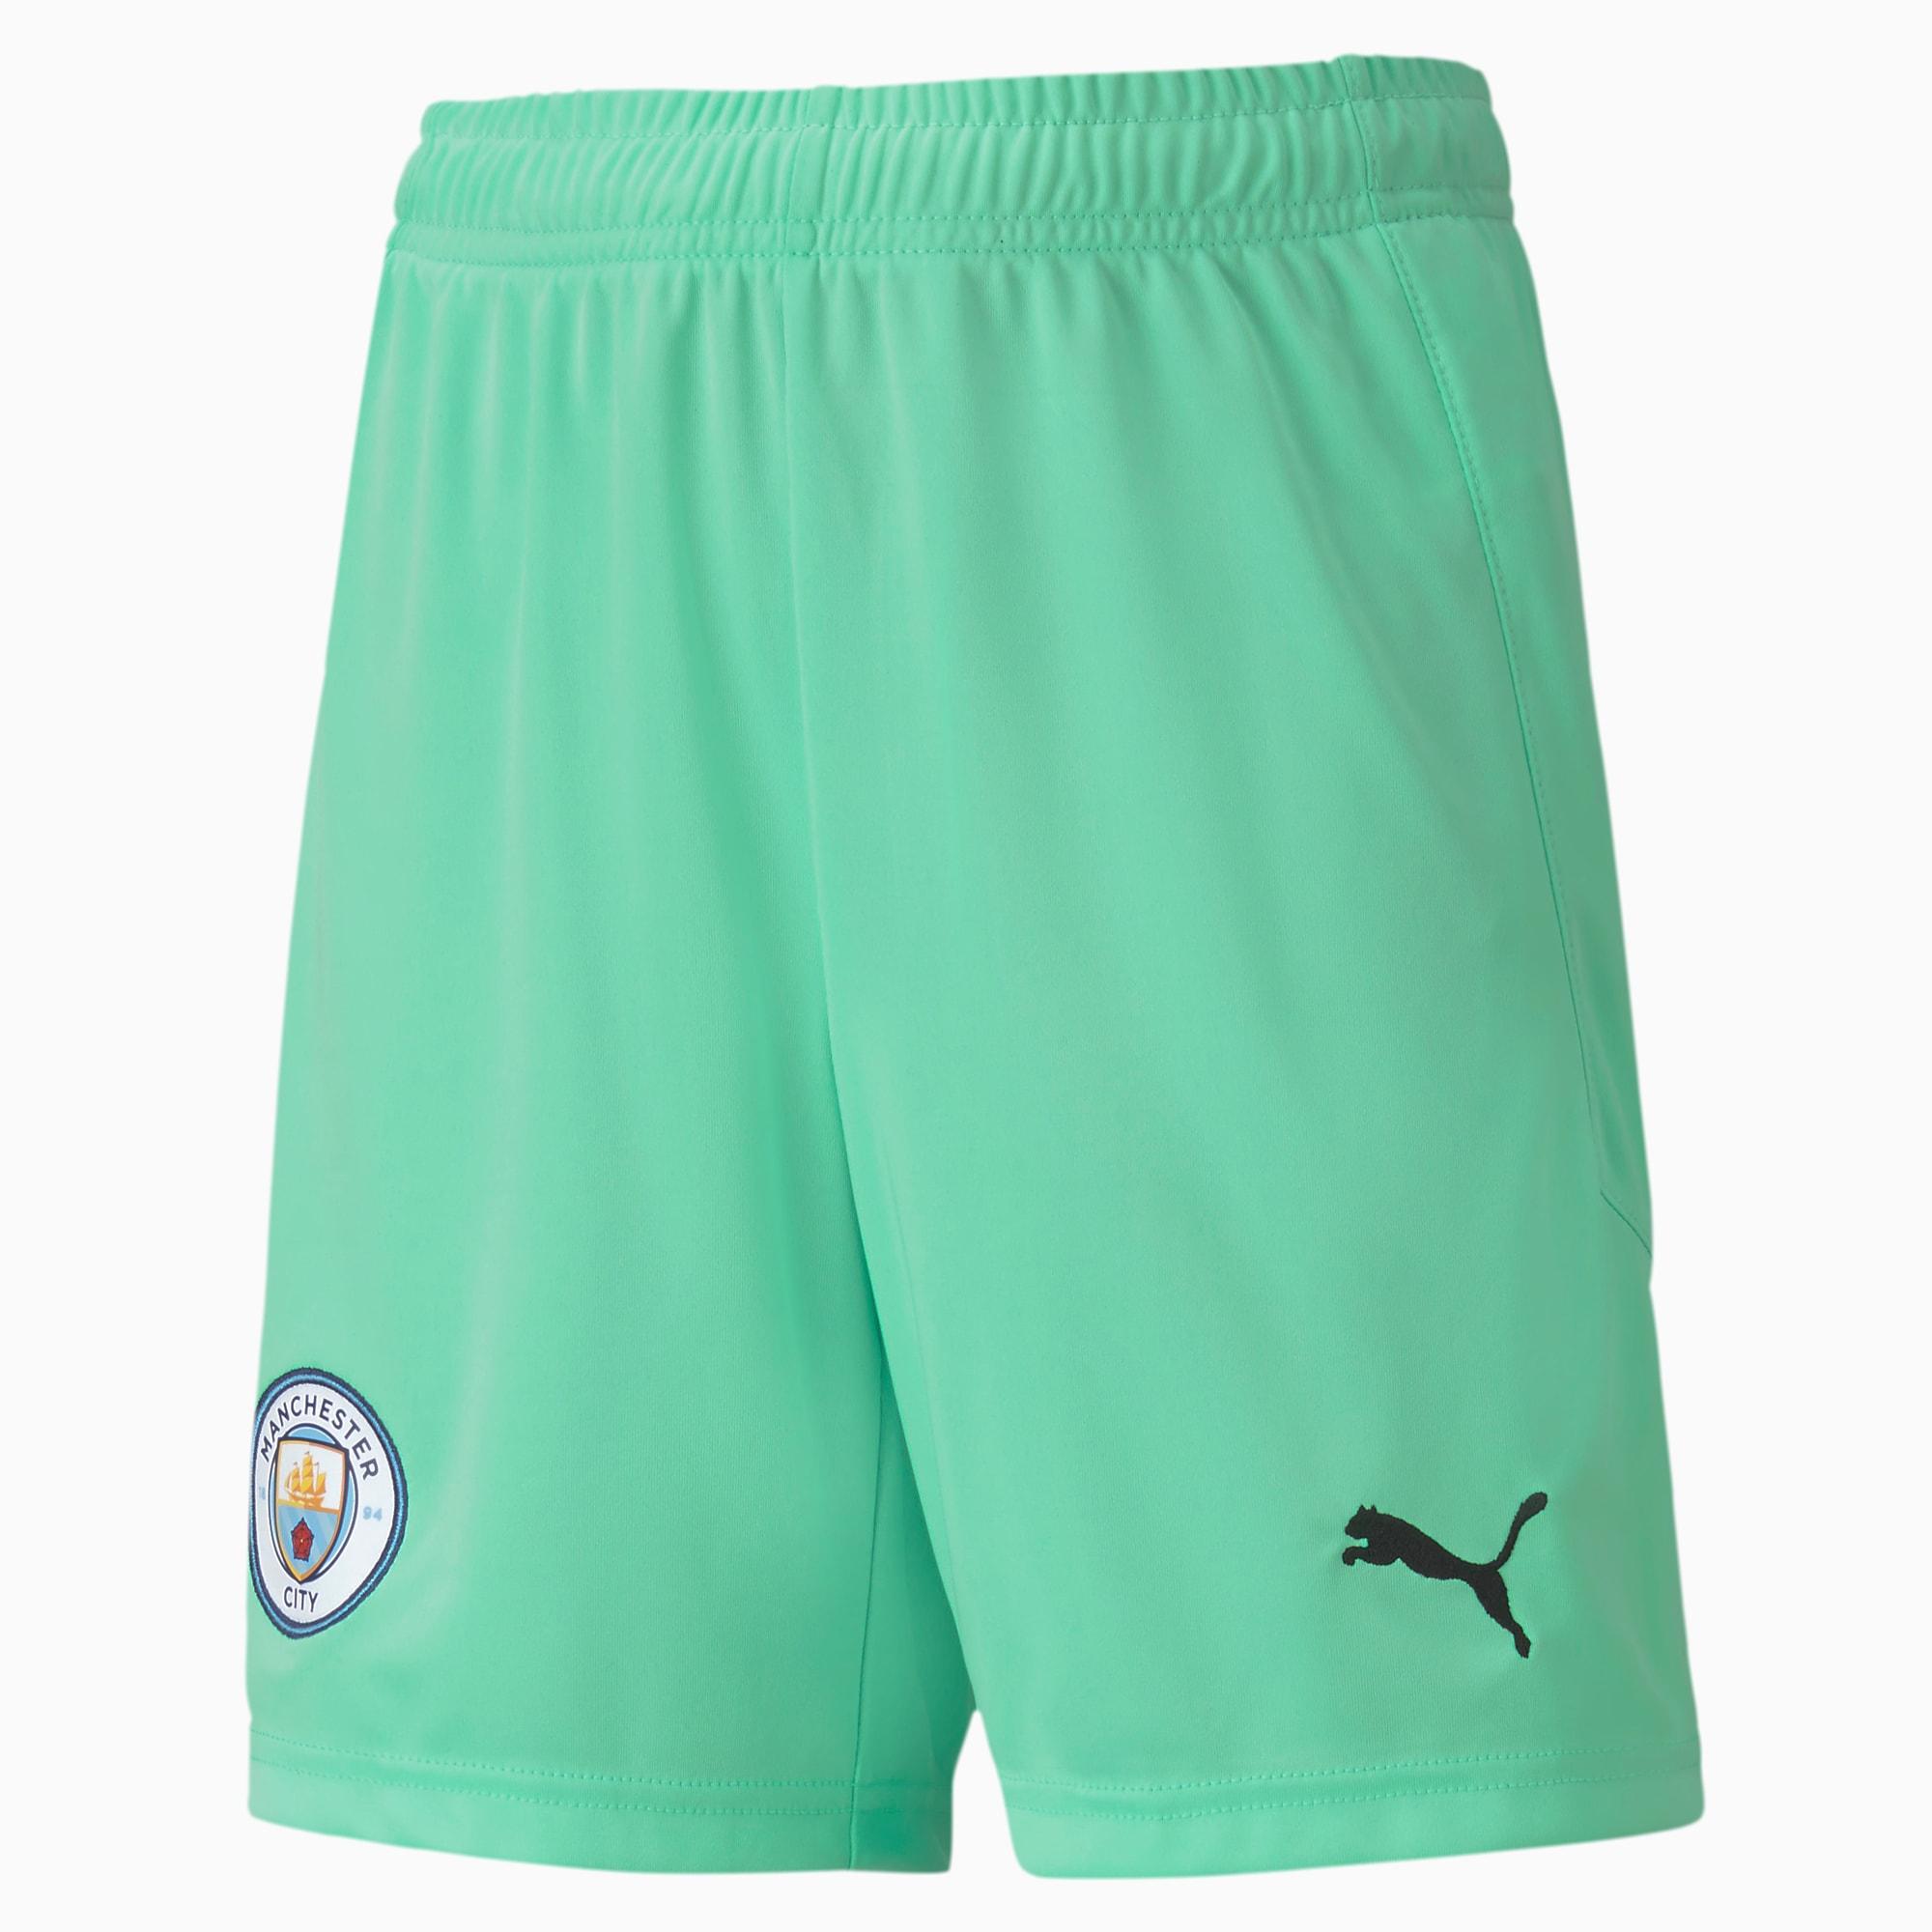 Shorts de Portero Réplica Del Manchester City Juveniles, Verde, Talla 176   PUMA